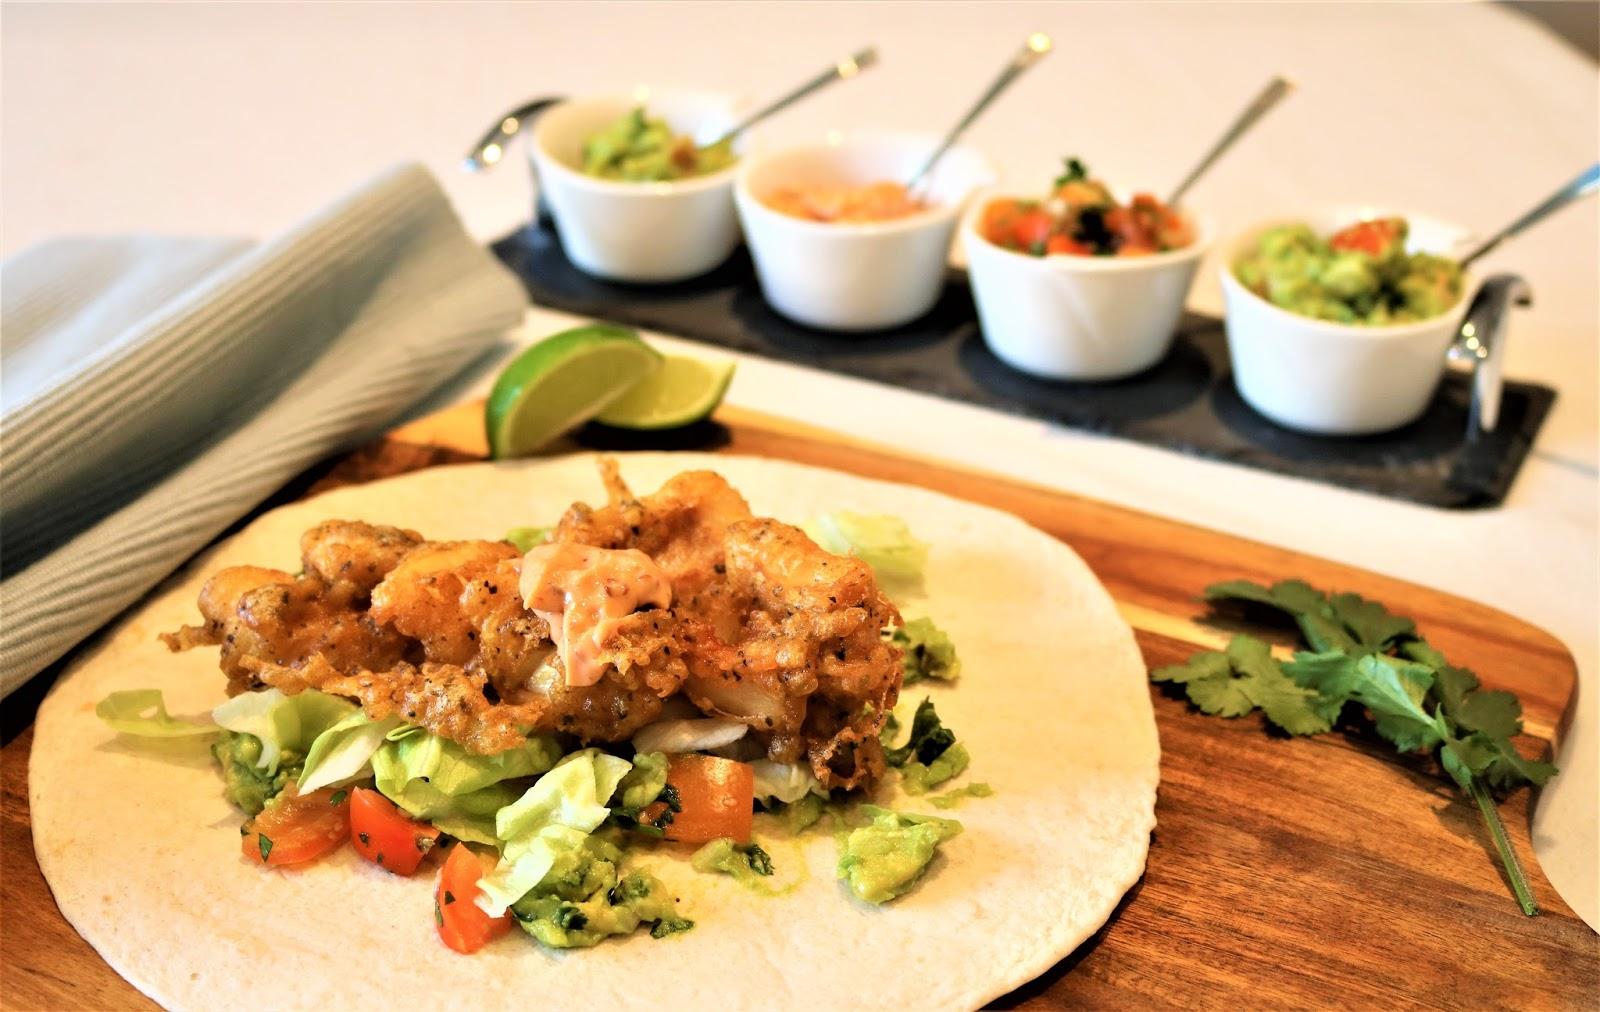 how to make homemade salsa for tacos